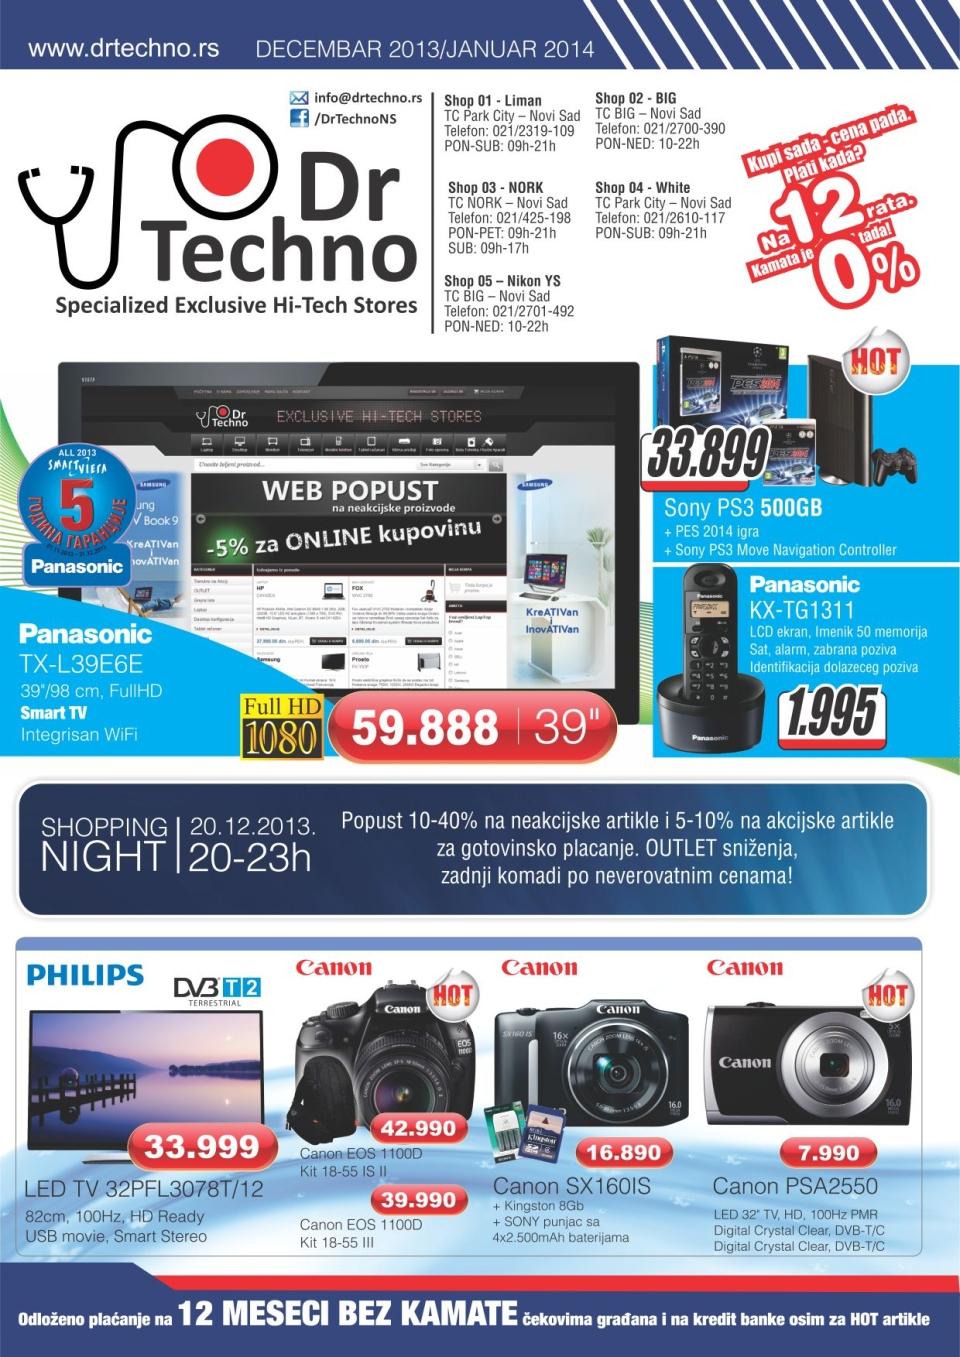 Dr. Techno katalog super cena